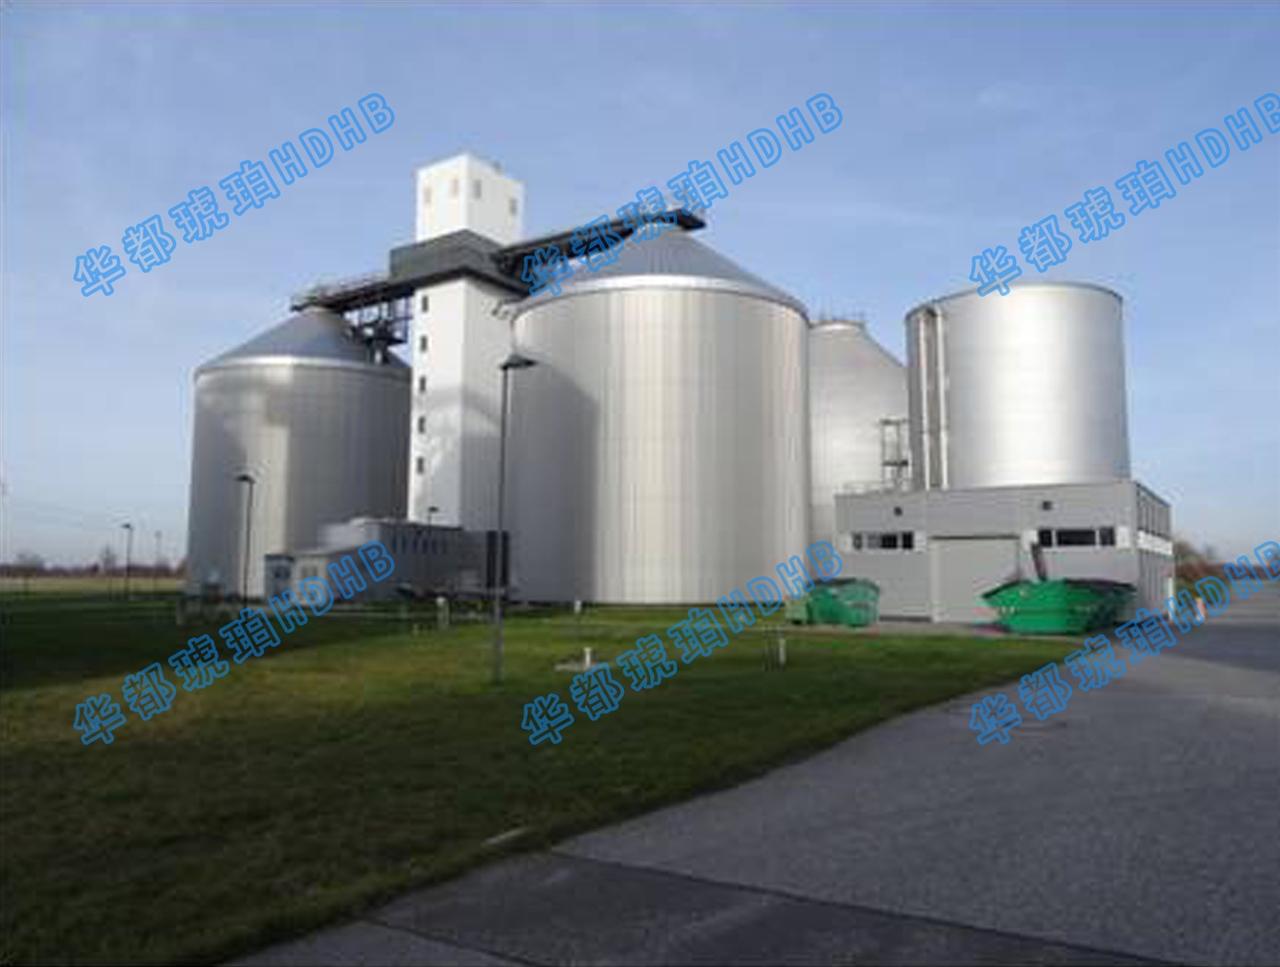 污水處理系統磷回收設備應用于消化系統前